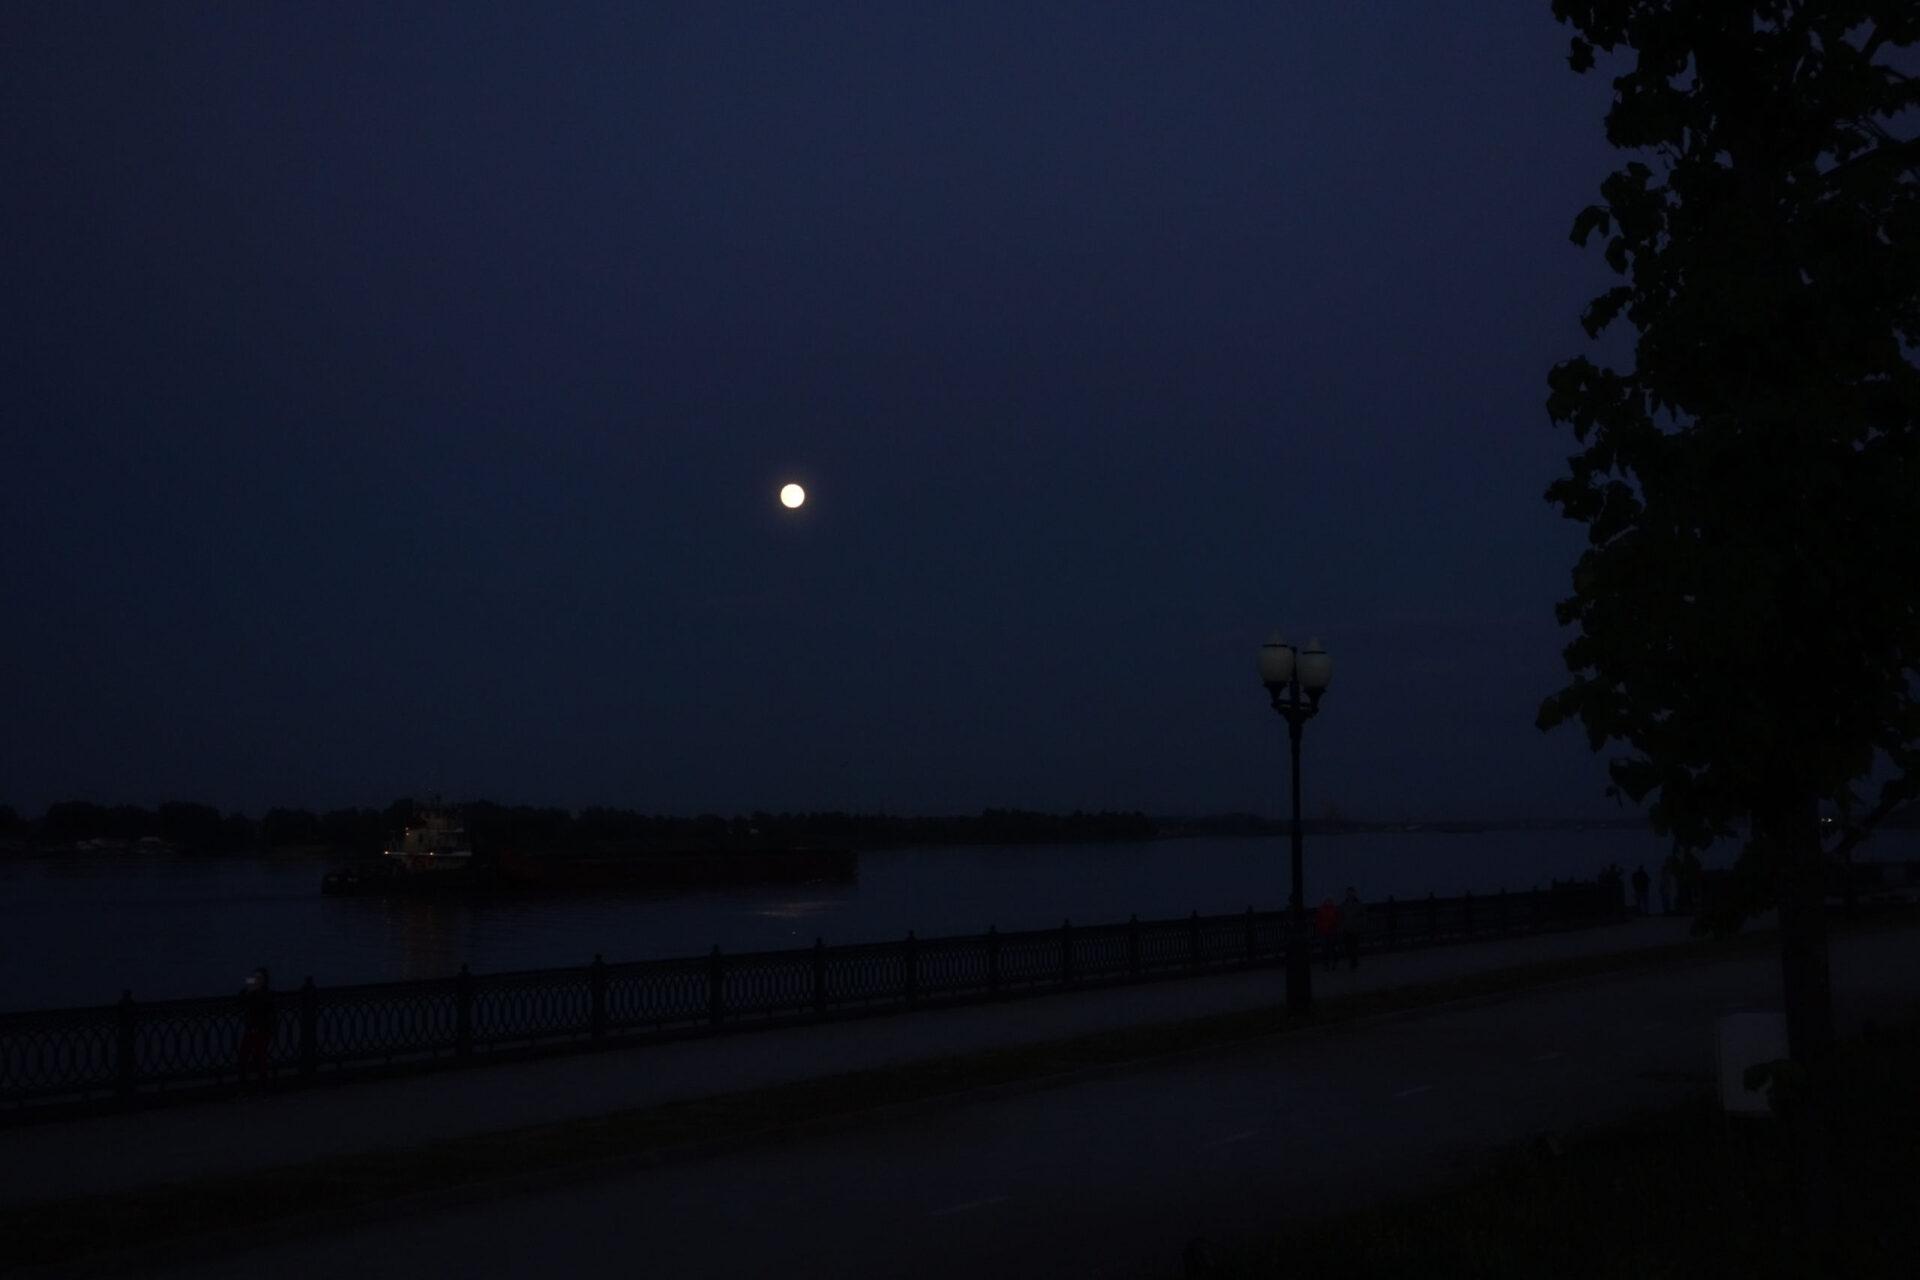 Ярославль, полнолуние, Волга, исторический центр